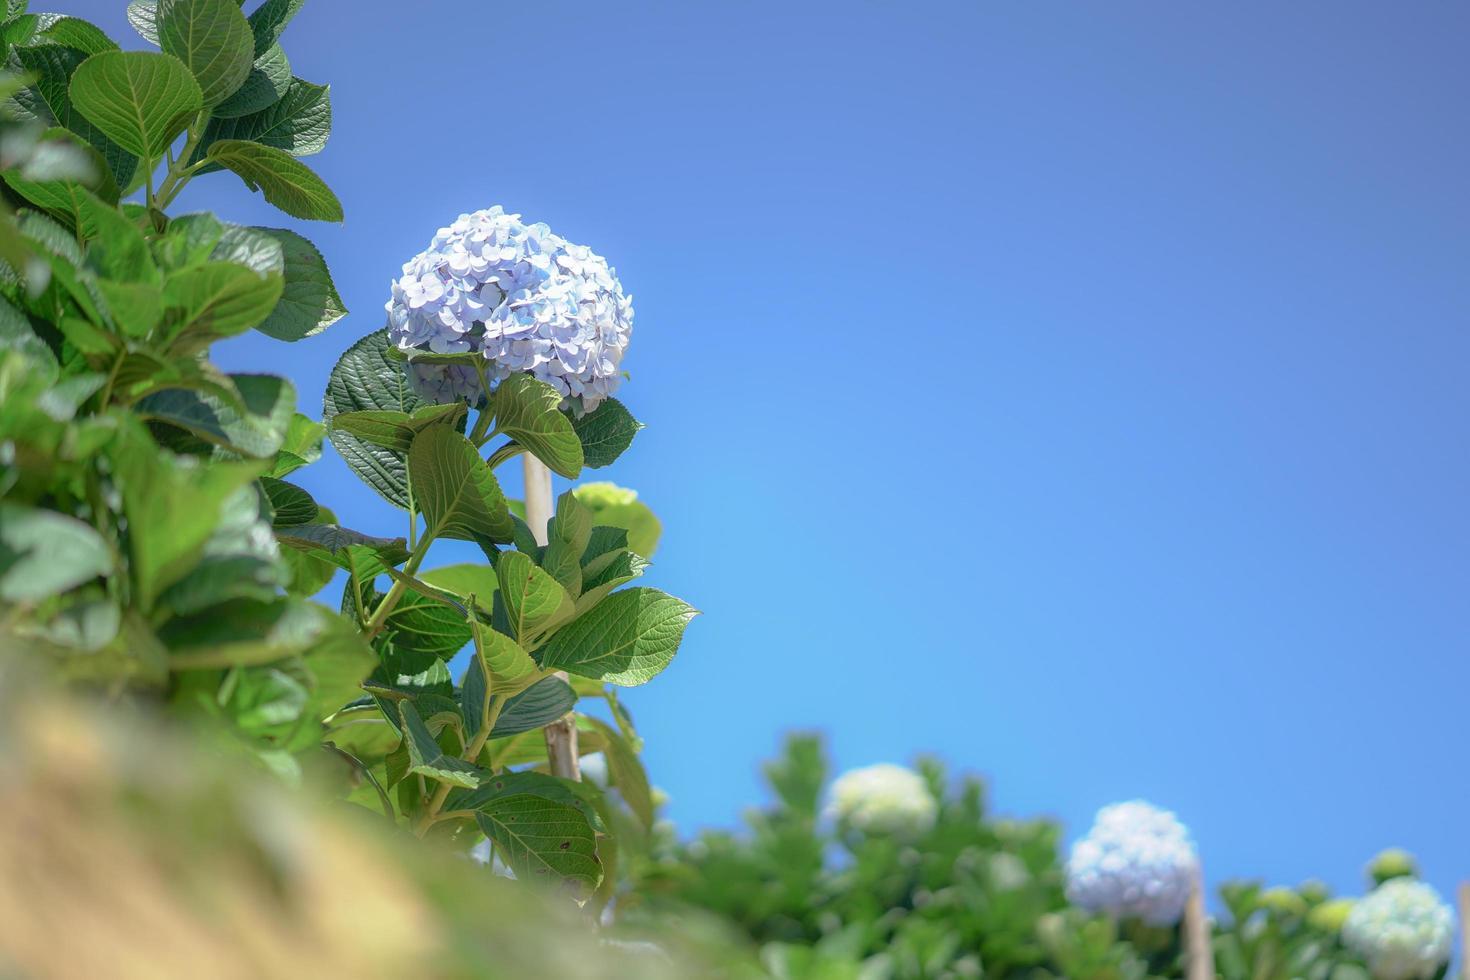 prachtige hortensia bloemen, hortensia macrophylla bloeiend in de tuin foto